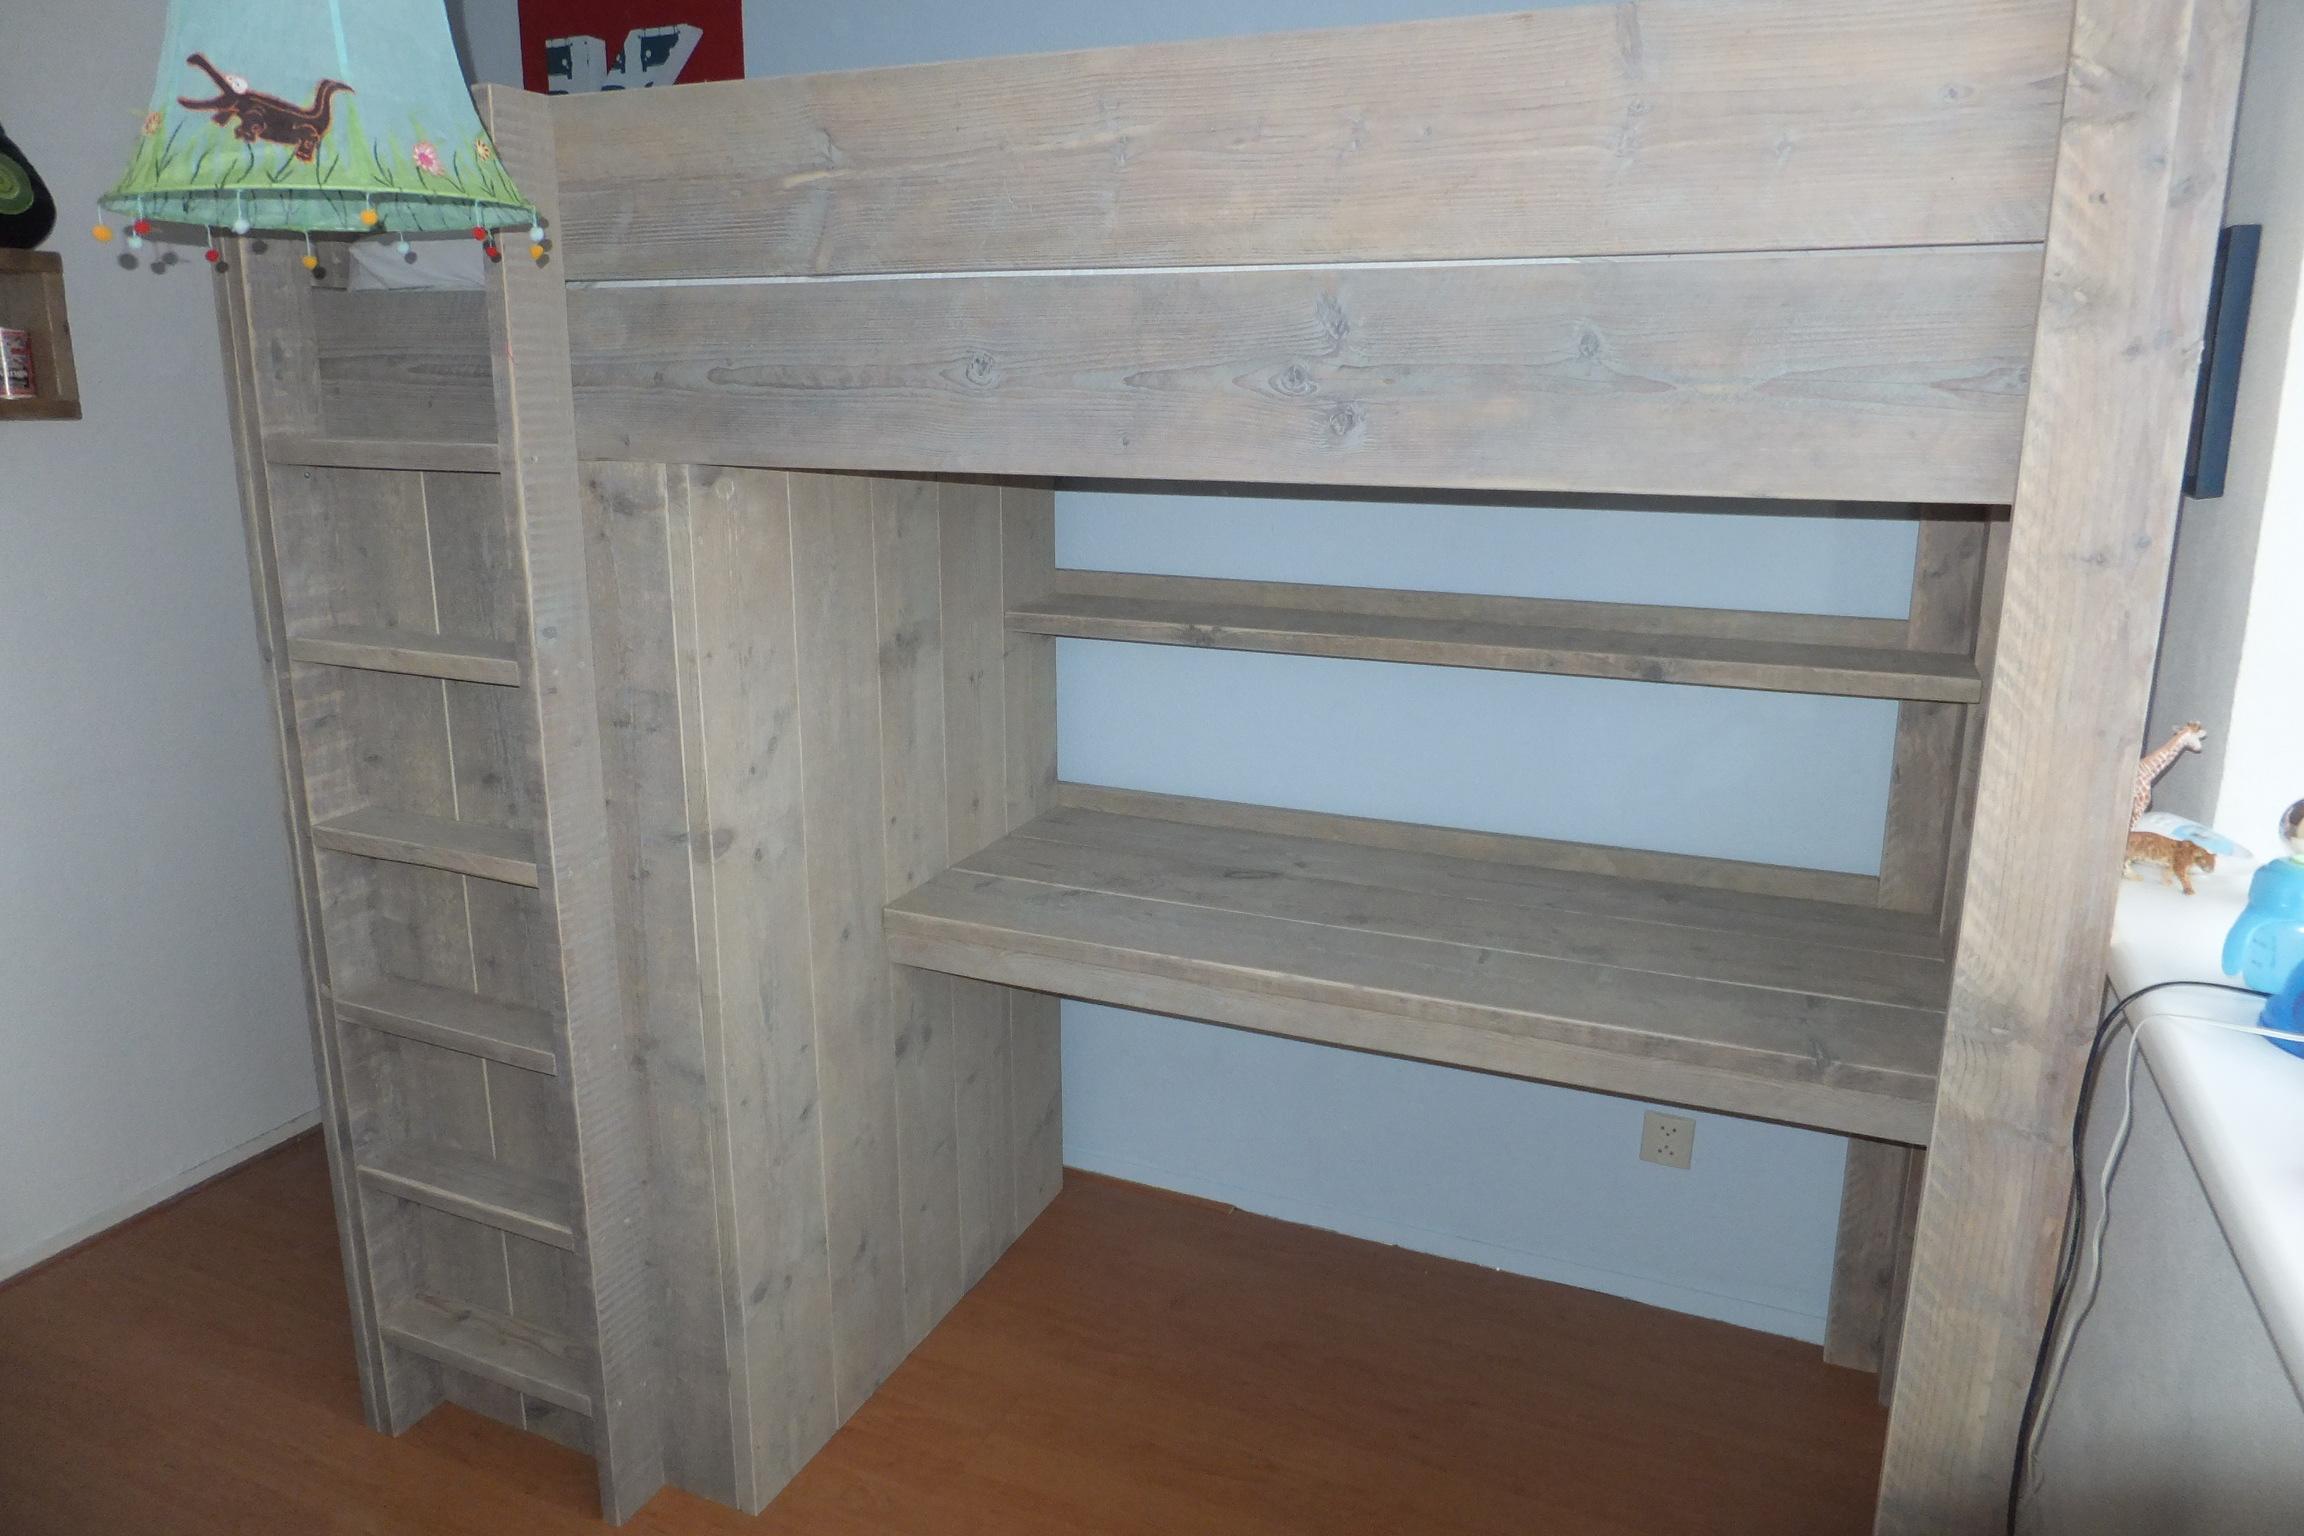 Steigerhouten hoogslaper met kast en bureau  u0026quot;Koen u0026quot;   jl meubelmaatwerk